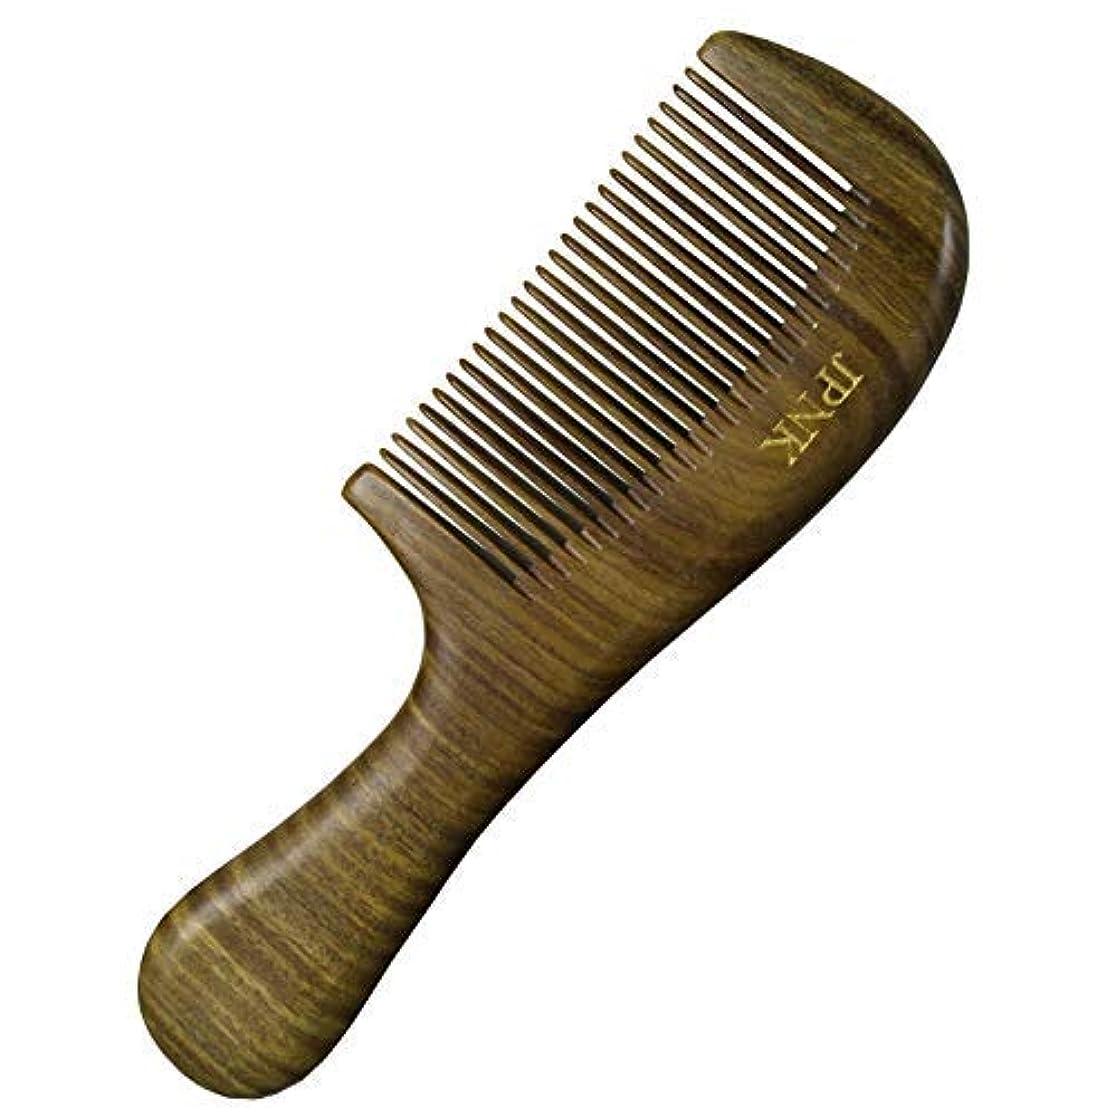 強風ルー匹敵しますJPNK Anti-Static Sandalwood Scent Natural Hair Detangler Wooden Comb [並行輸入品]